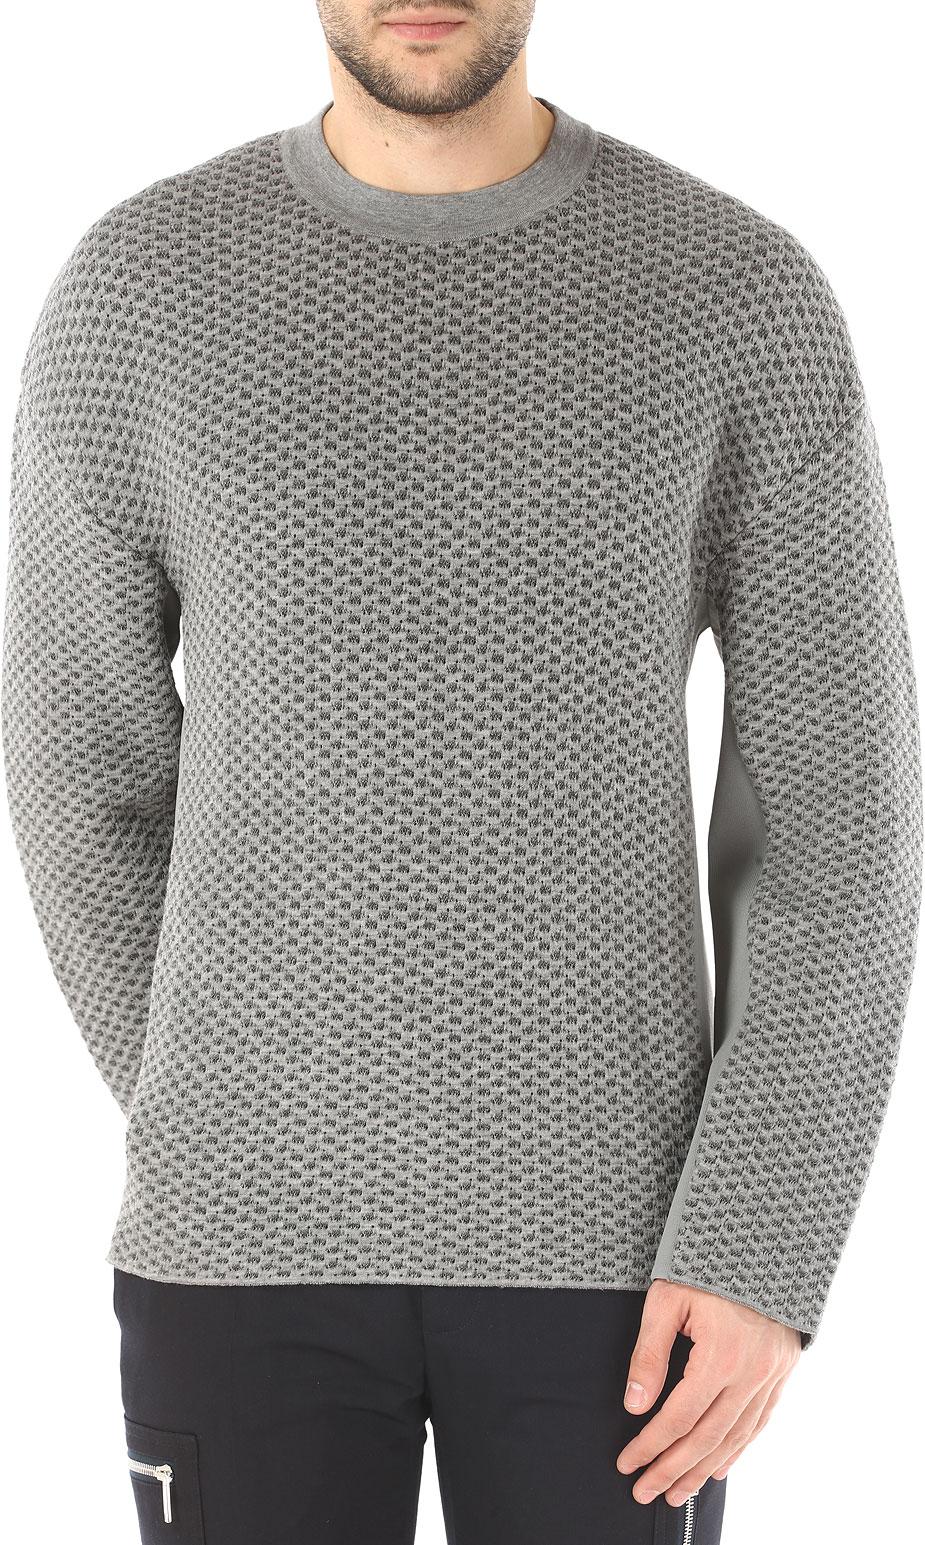 Abbigliamento Codice Uomo Balenciaga 409217-t7117-1403 Articolo